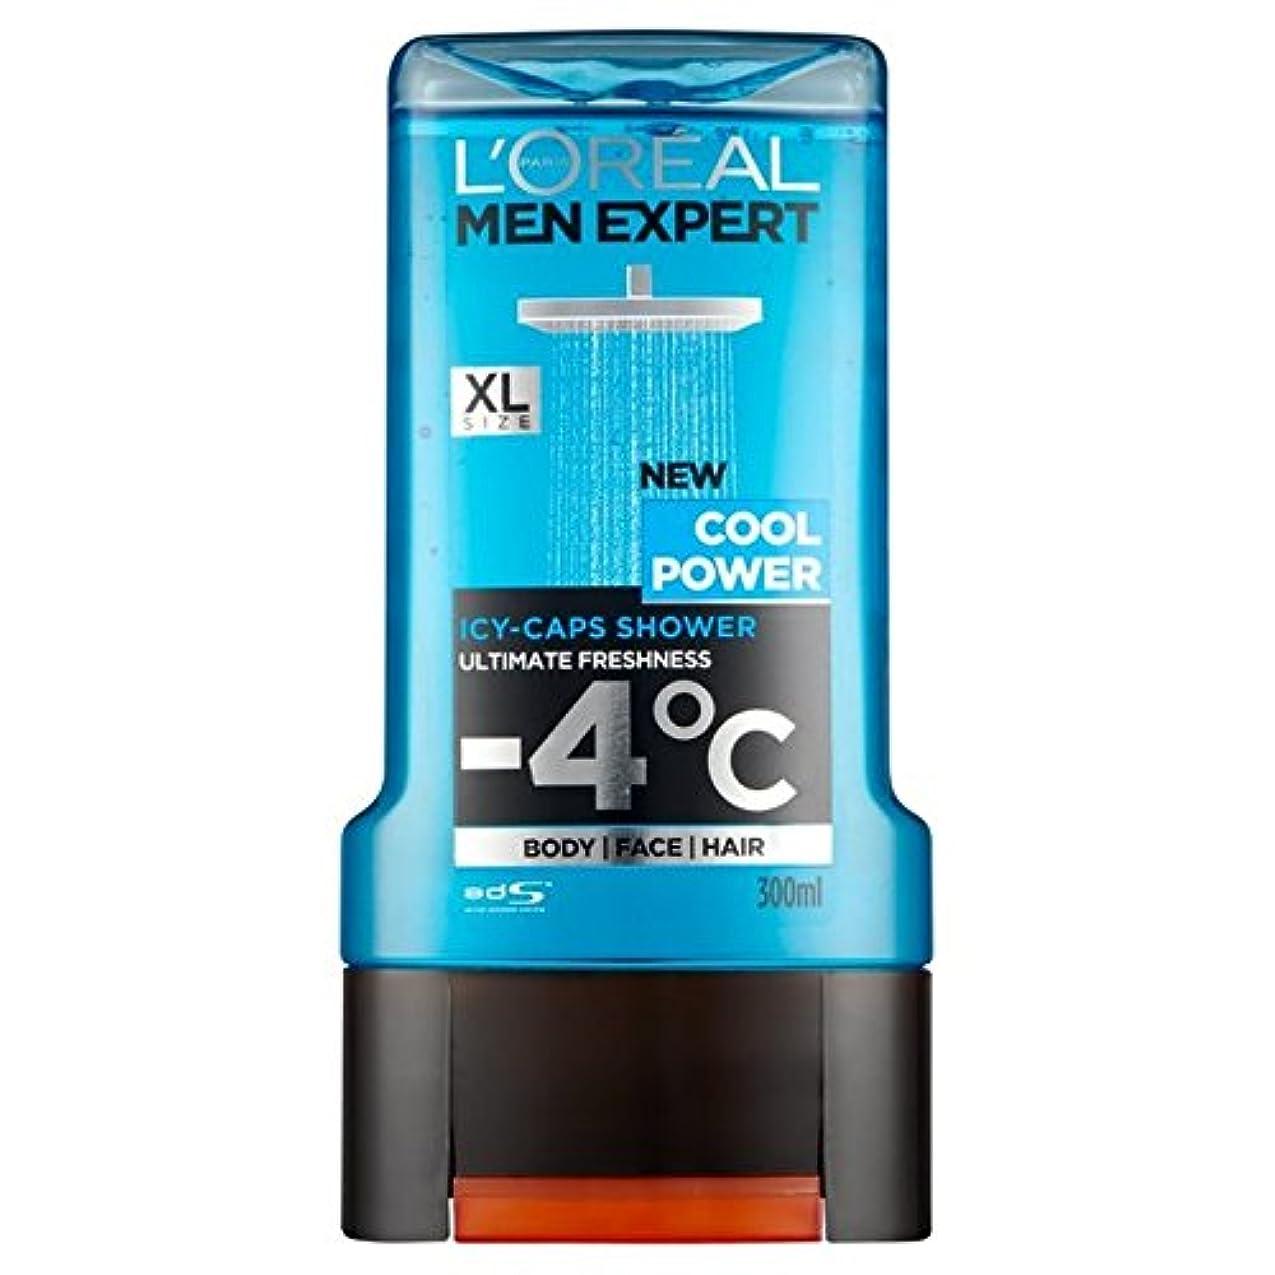 支払いリングレット退院L'Oreal Paris Men Expert Cool Power Shower Gel 300ml - ロレアルパリの男性の専門家のクールなパワーシャワージェル300ミリリットル [並行輸入品]